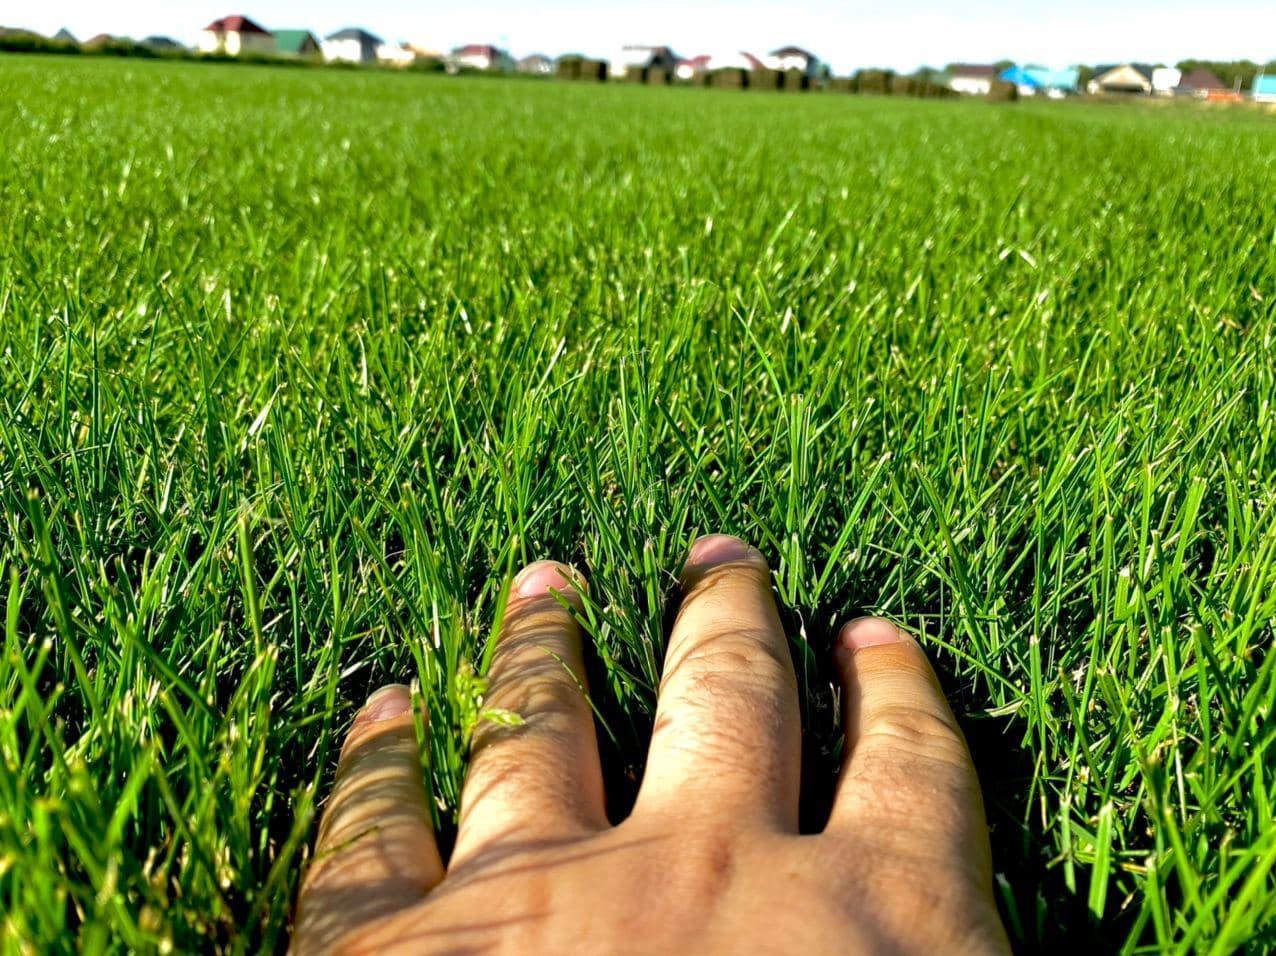 Укладка газона, озеленение, ландшафтный дизайн, поливная система - фото 2